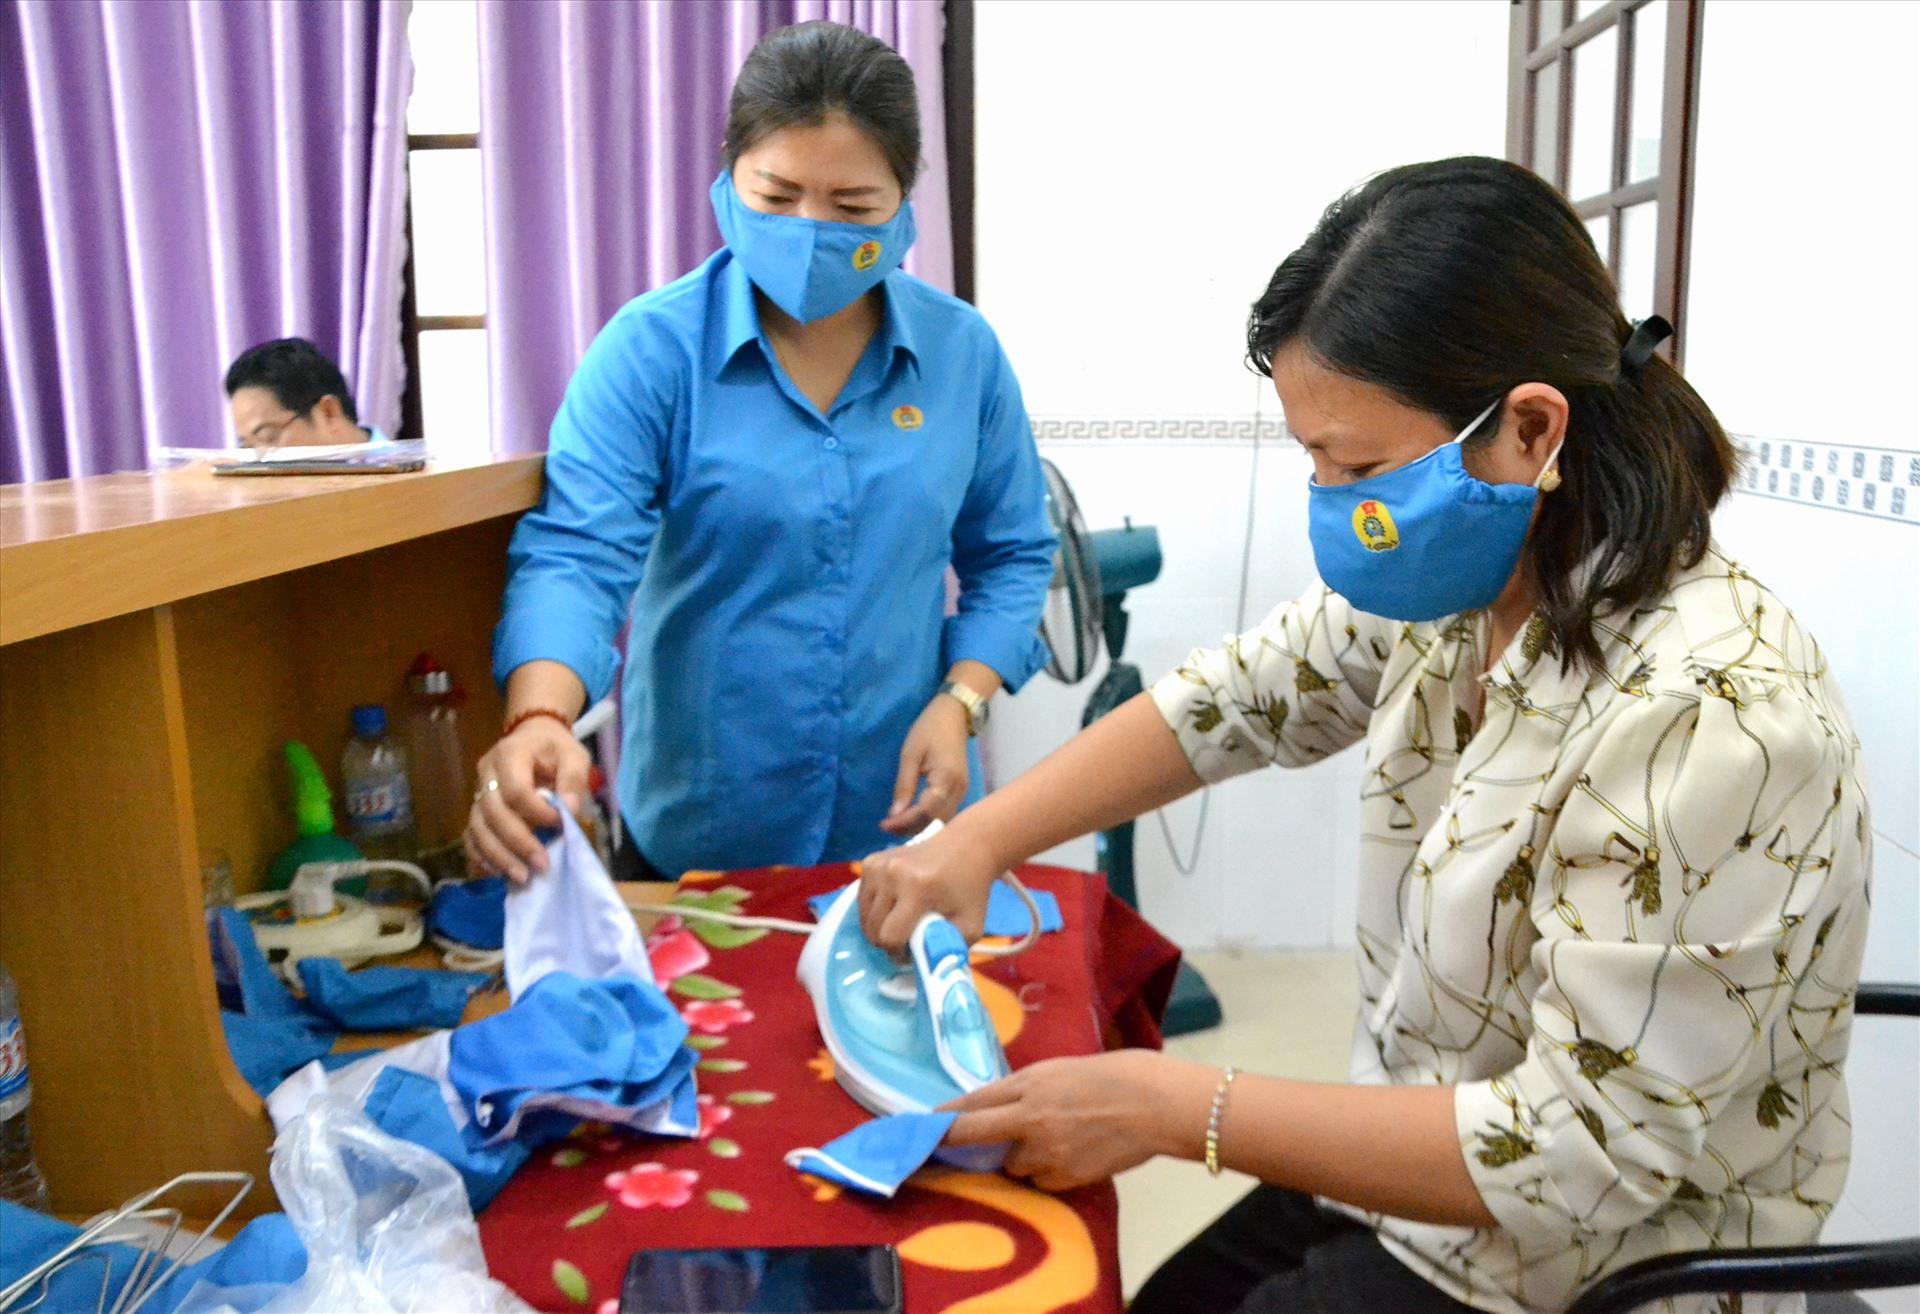 Sản phẩm được giặt, ủi trước khi đóng gói nên sử dụng được ngay. Ảnh: LT